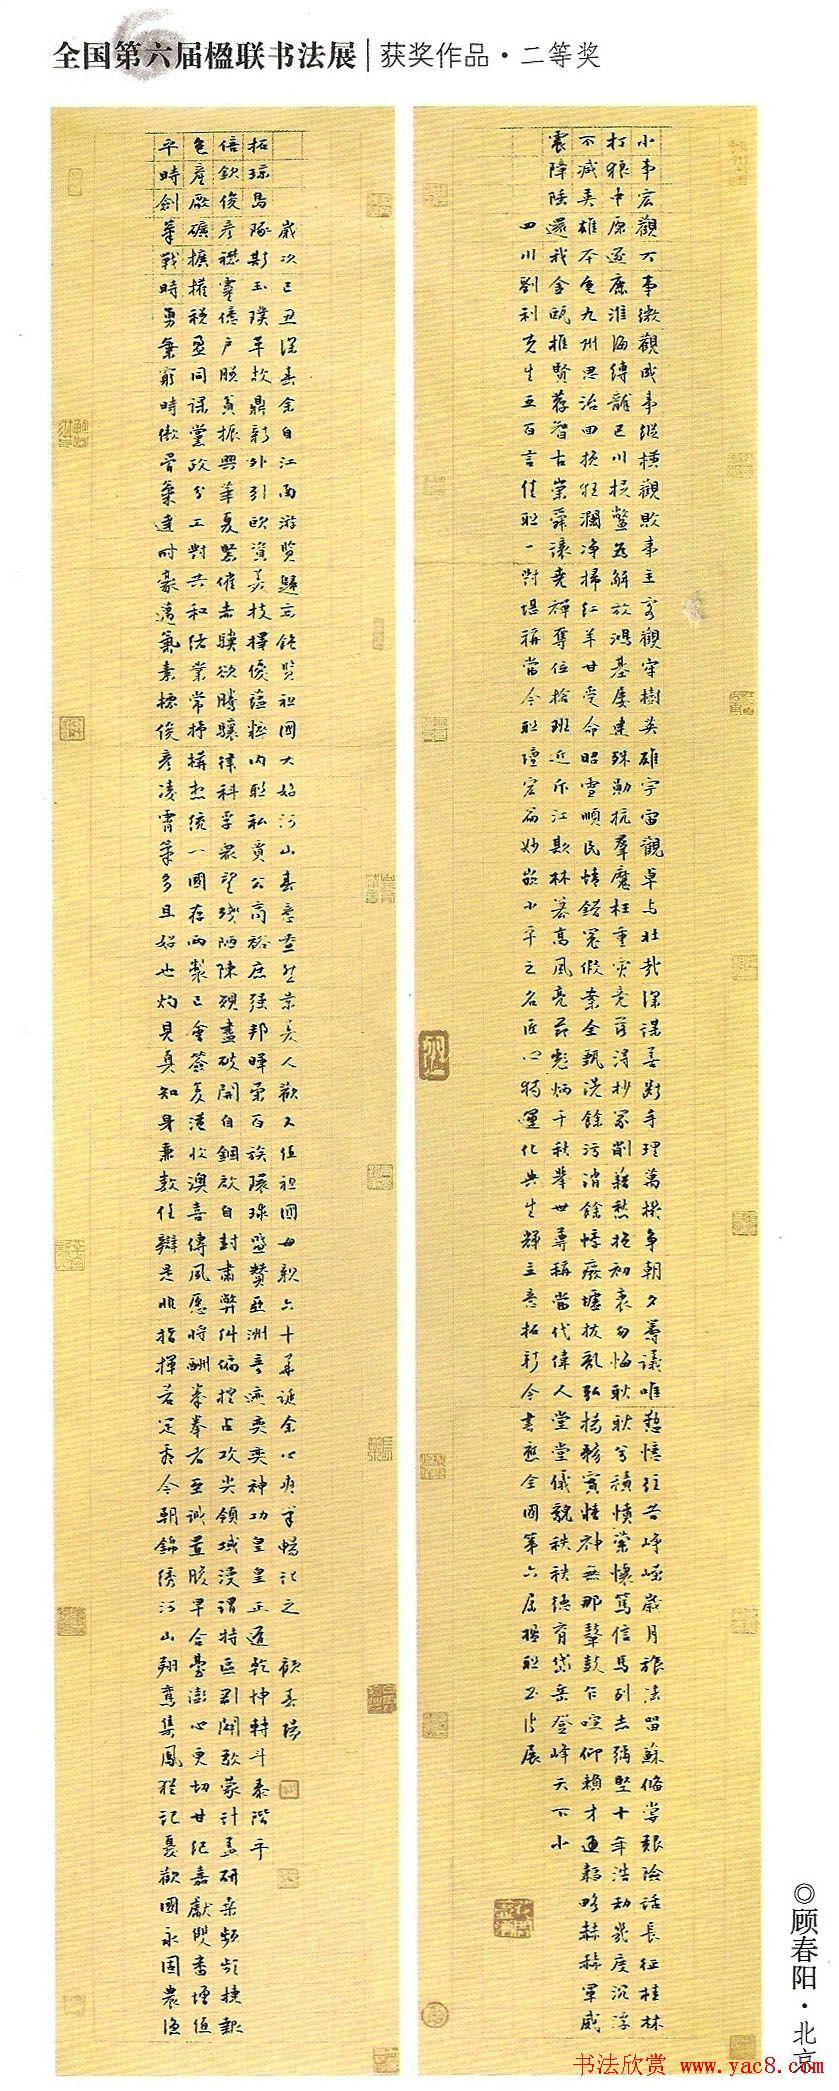 《东方先生画赞碑》卷 11-5 民族英雄岳飞书法欣赏《前出师表》 11-5图片